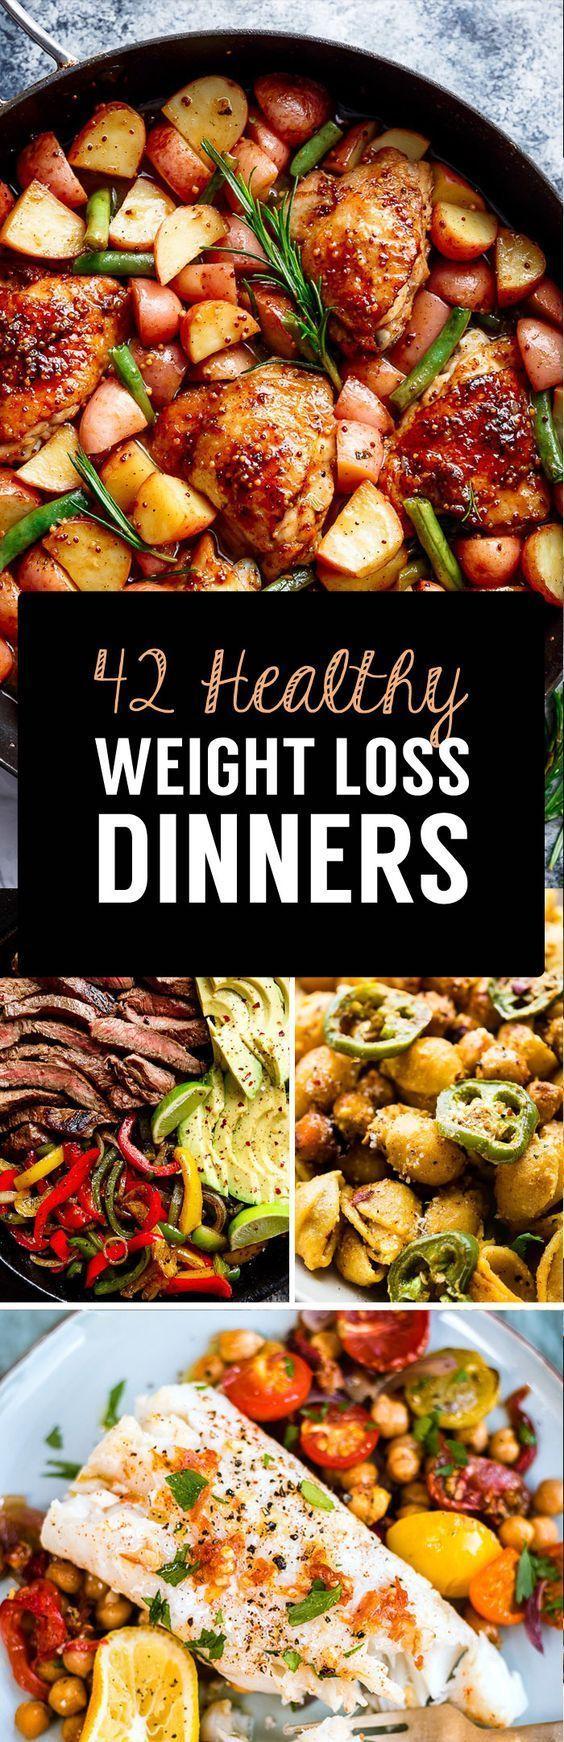 Leckere Mahlzeiten machen das Abnehmen schnell und einfach. Wenn Sie das Essen genießen, sind Sie #ketodinnerrecipes